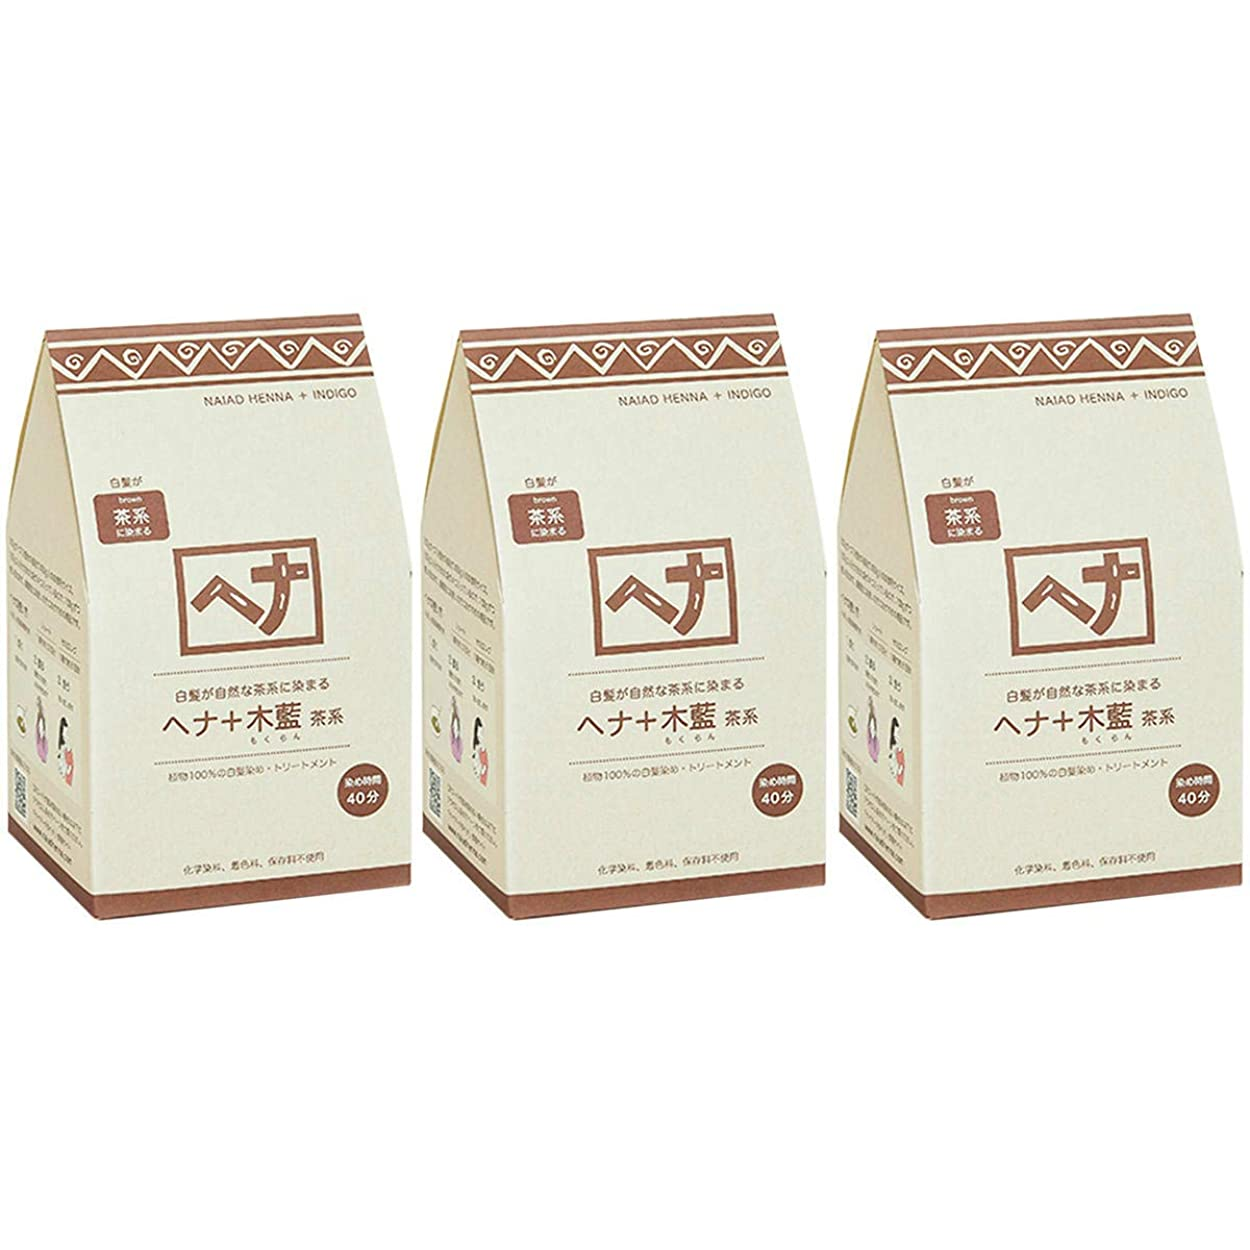 限定黒人溢れんばかりのナイアード ヘナ + 木藍 茶系 白髪が自然な茶系に染まる 400g 3個セット